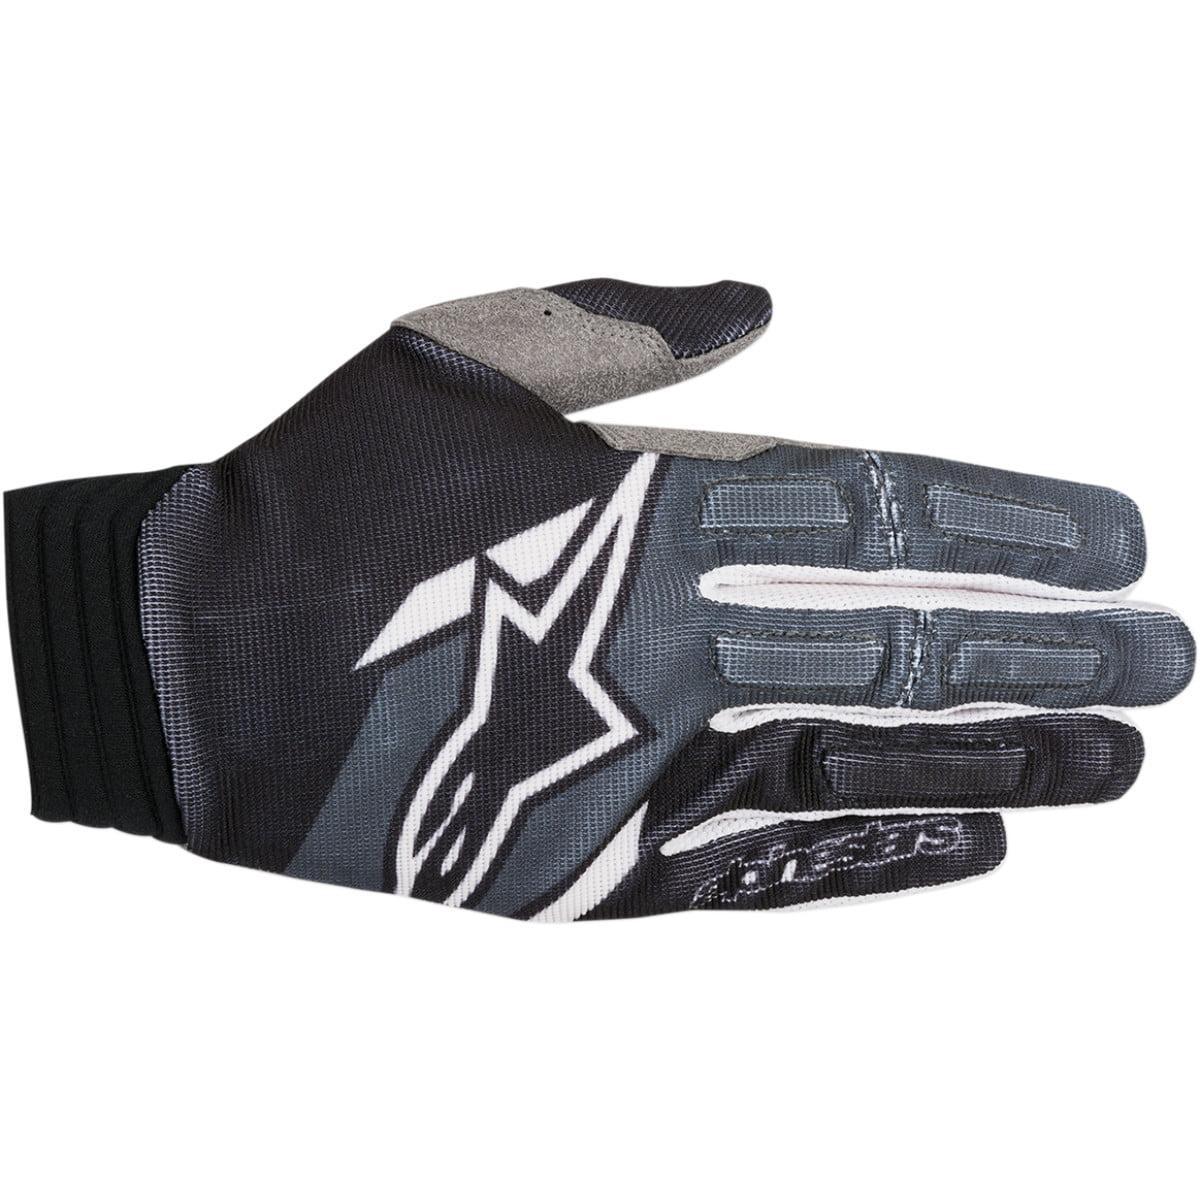 Alpinestars Aviator Gloves Short Cuff Gloves (multi Black/gray, Small)